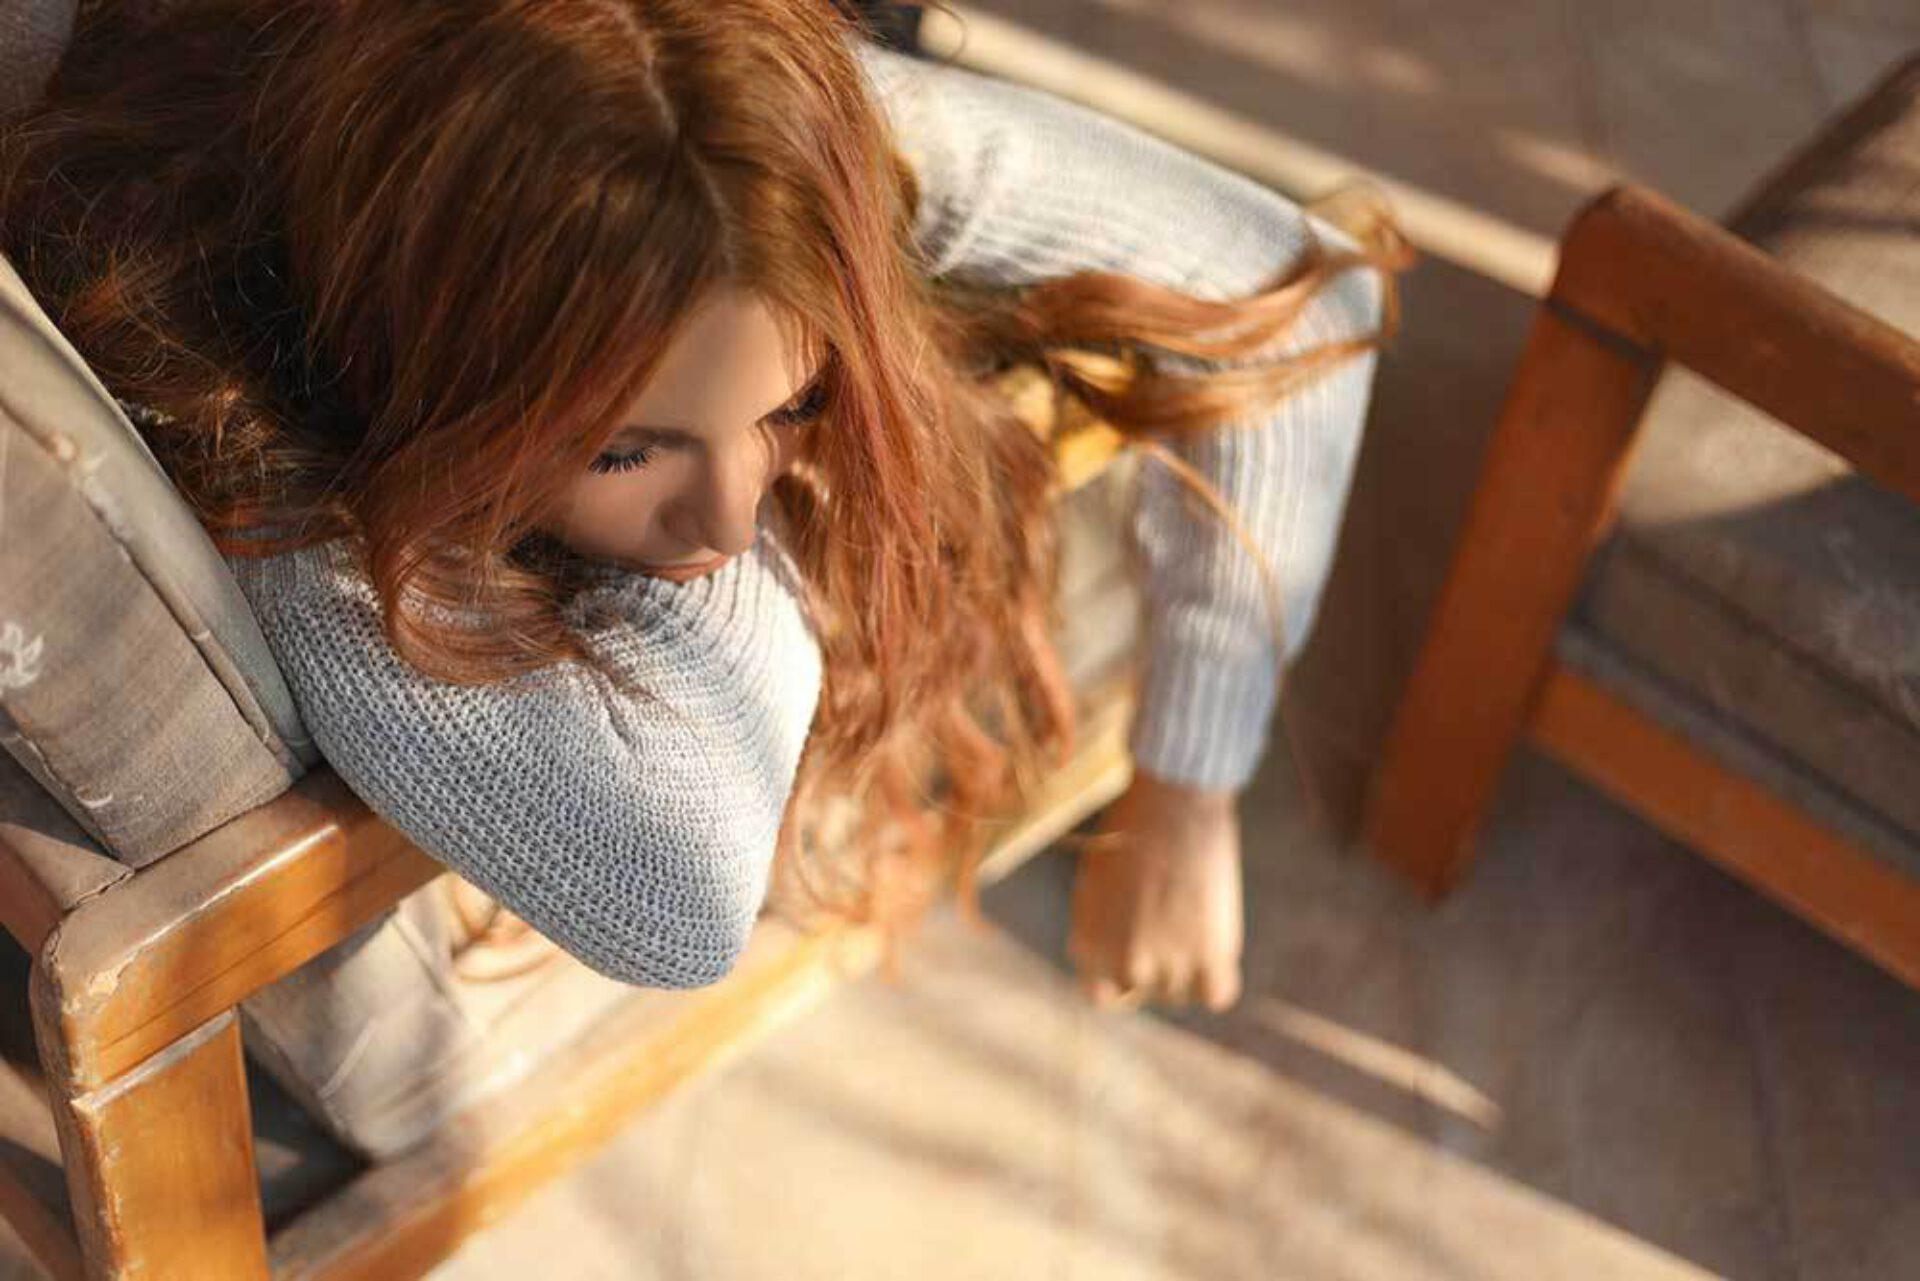 Vermoeid in de zomer? 5 tips om zomervermoeidheid te verslaan